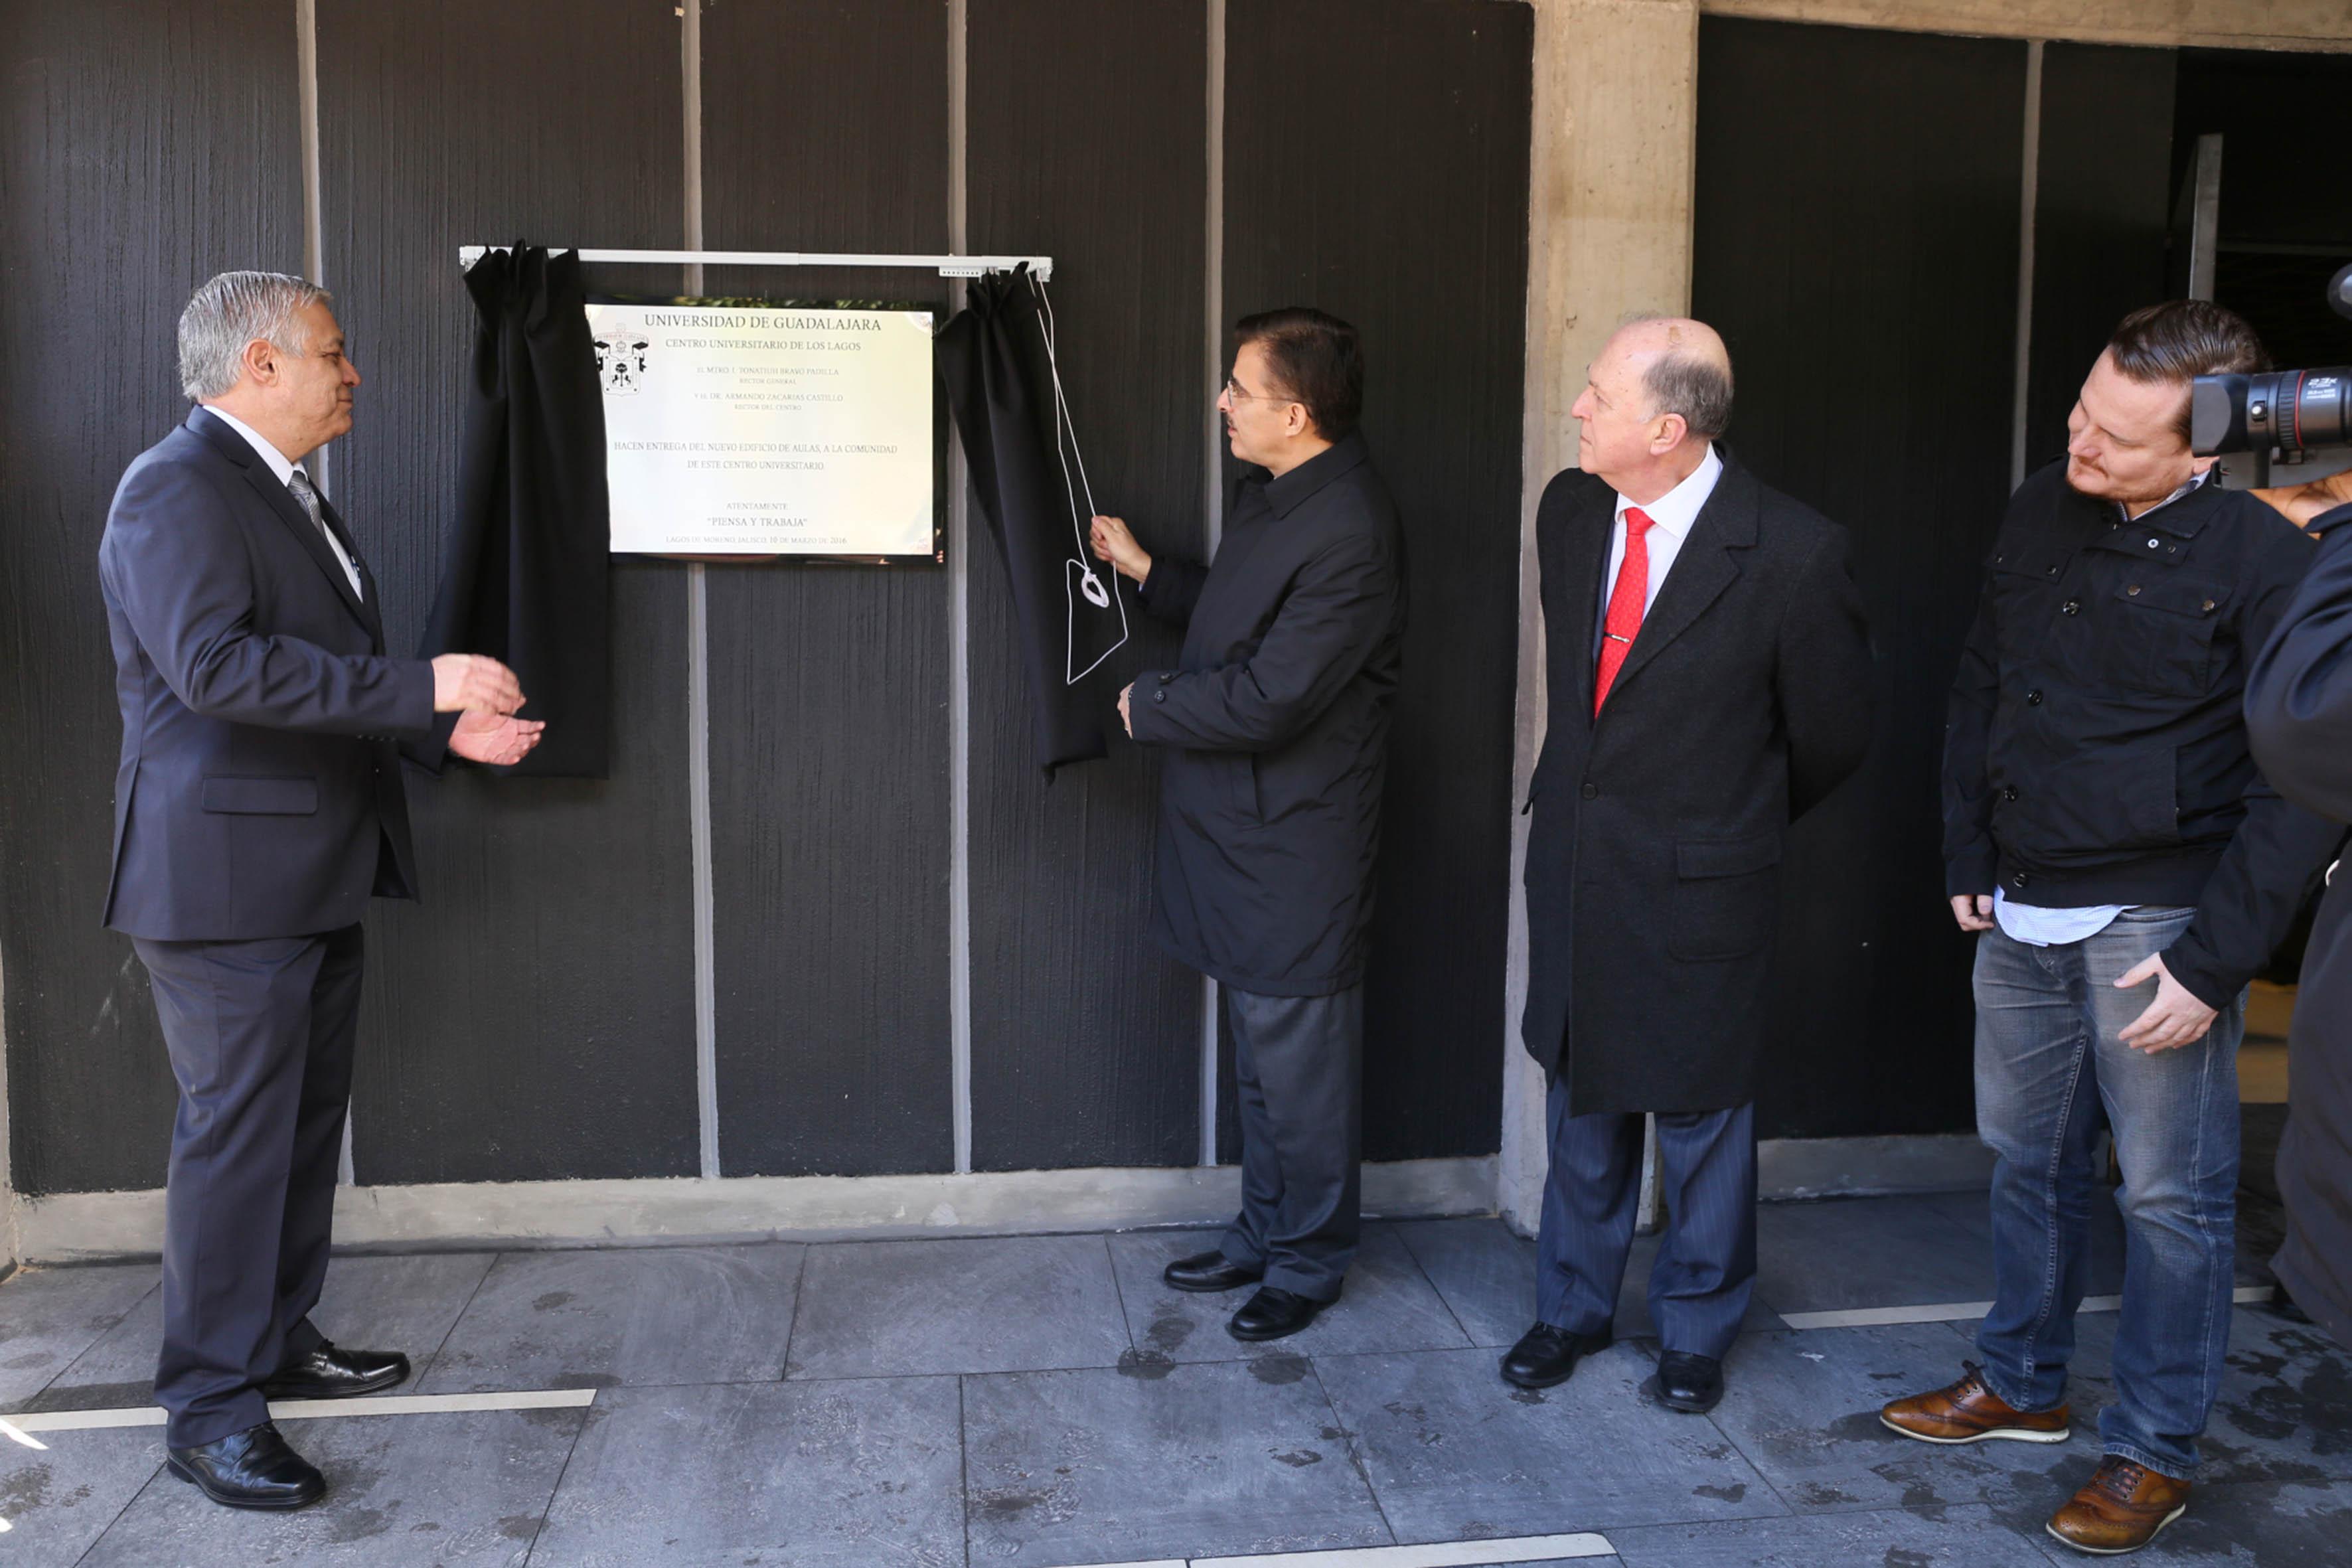 Rector General de la UdeG, maestro Itzcóatl Tonatiuh Bravo Padilla debelando una placa conmemorativa en instalaciones del CULagos